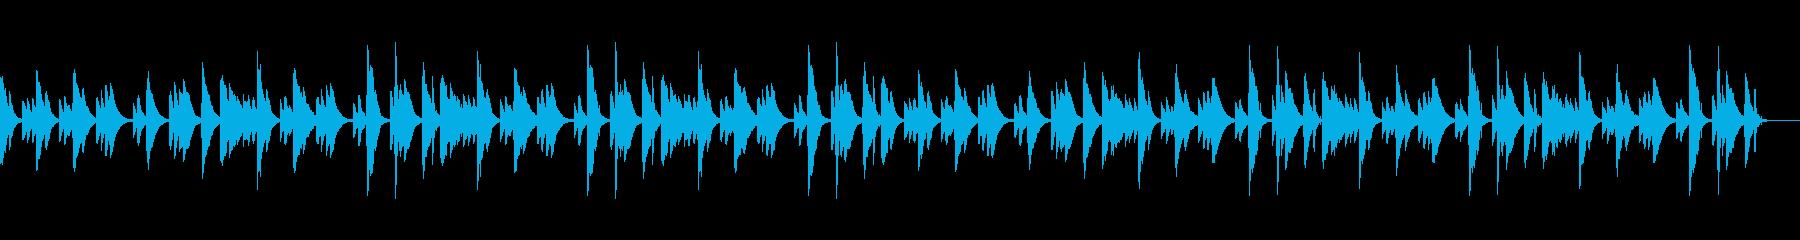 可愛らしい音色のリラクゼーション音楽の再生済みの波形